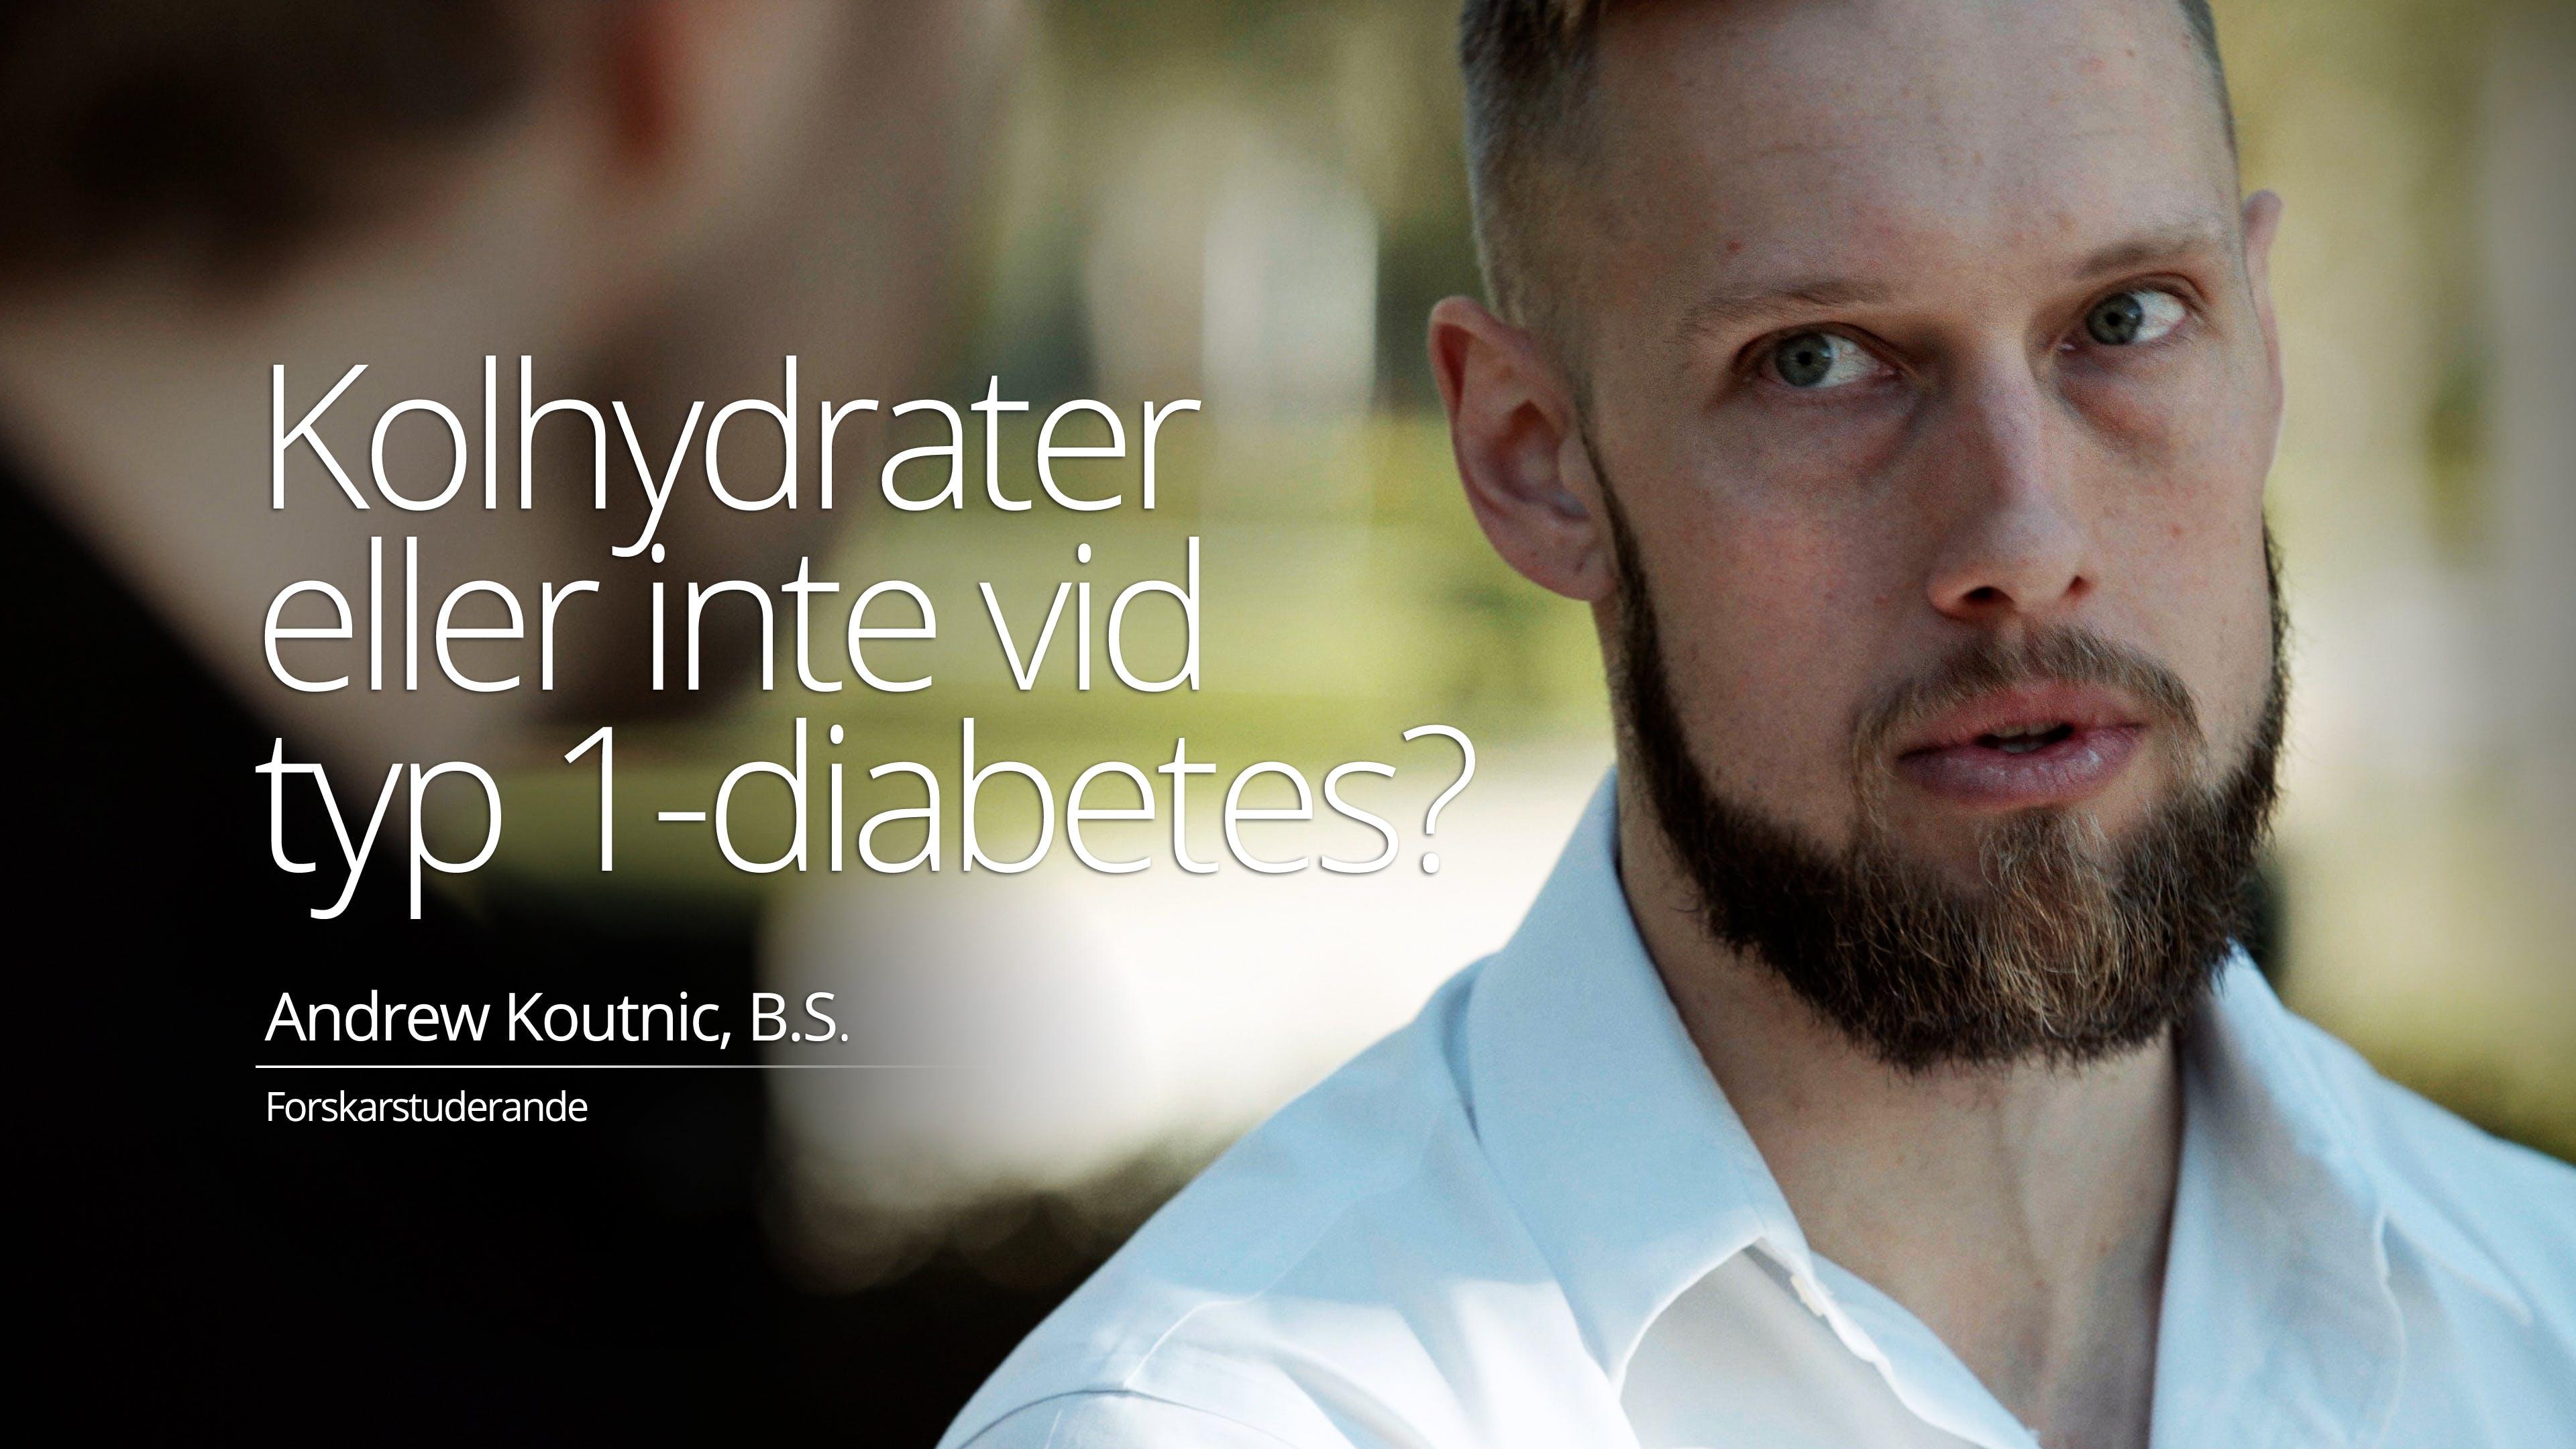 Kolhydrater eller inte för typ 1-diabetiker?